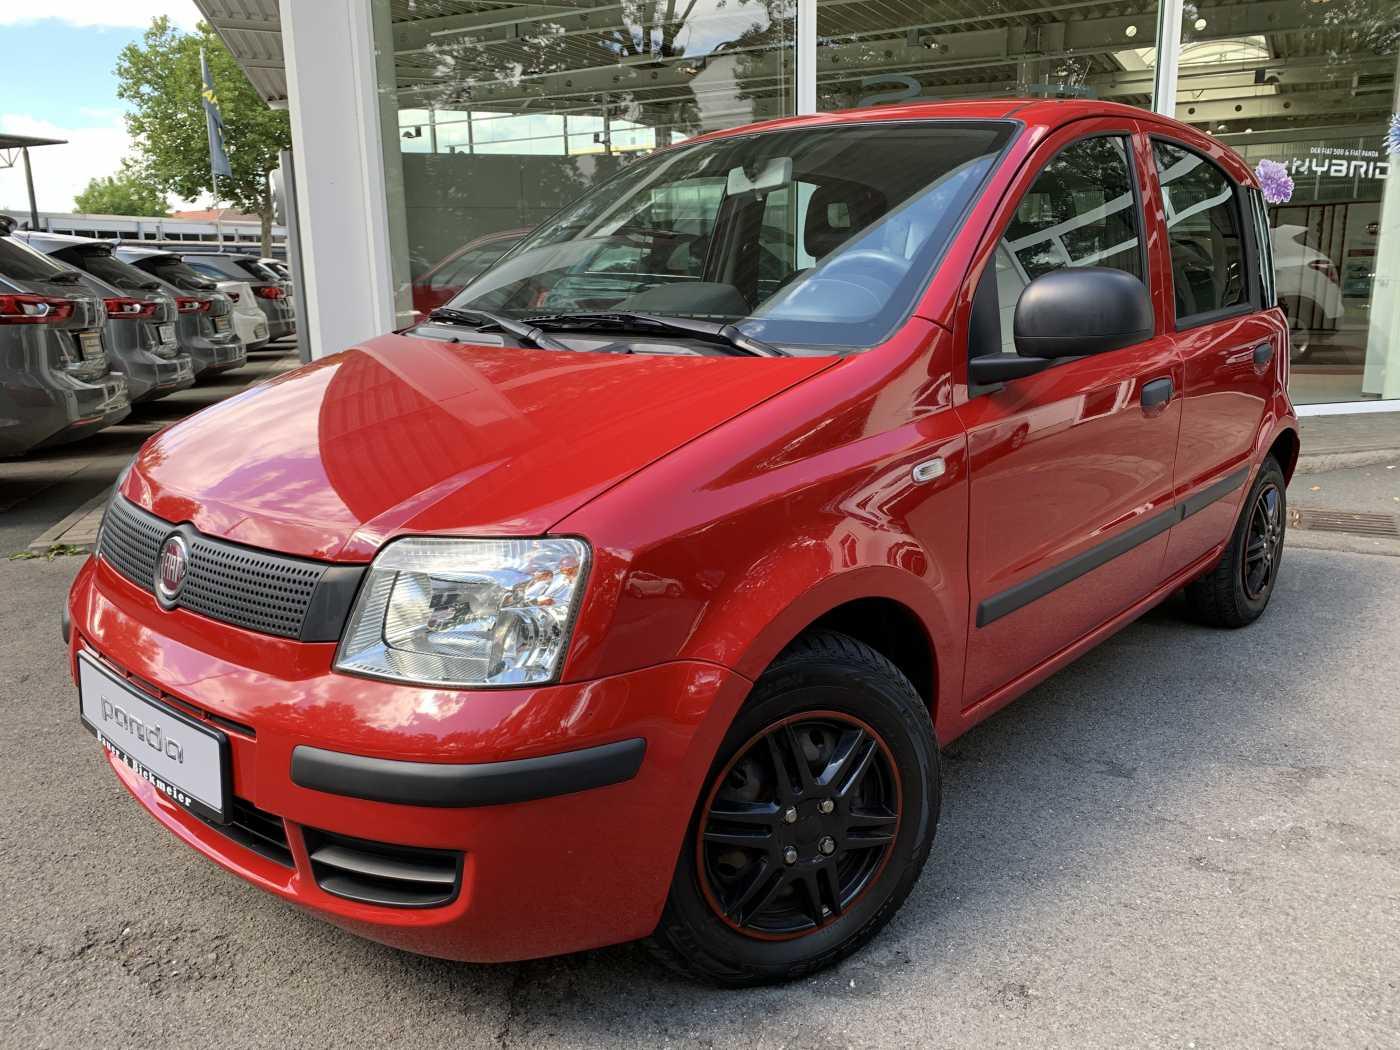 Fiat Panda 1.2 Classic KLIMAANLAGE+CD-RADIO+ALLWETTERREIFEN, Jahr 2012, Benzin